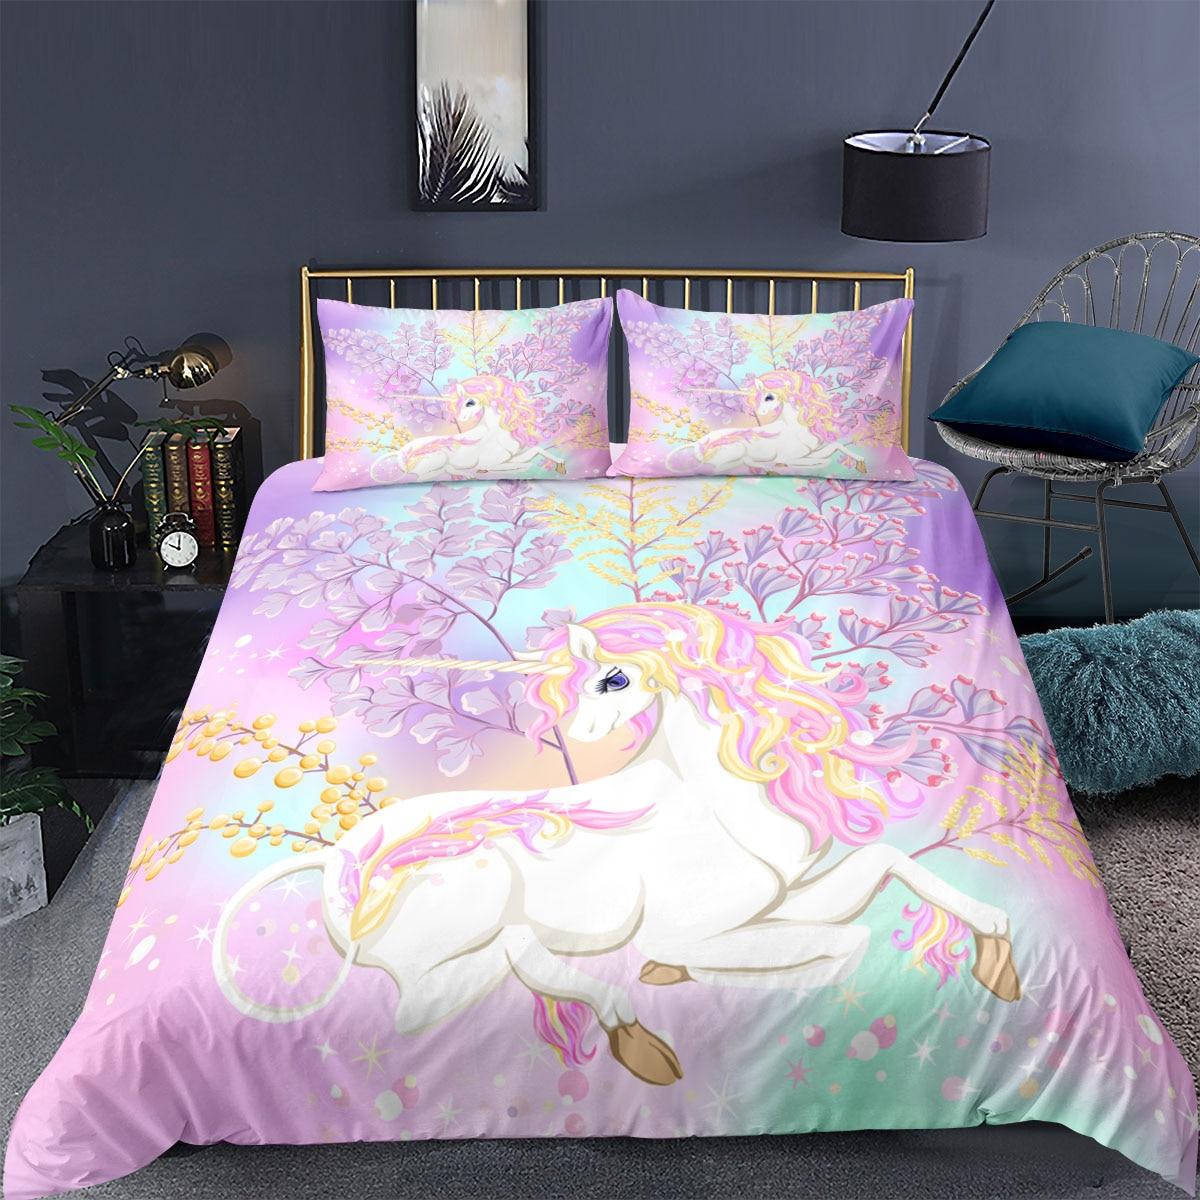 ثلاثية الأبعاد يونيكورن الاطفال حاف الغطاء الحيوان طباعة فتاة غطاء السرير المخدة الكرتون غطاء لحاف 2/3 قطعة ديكور المنزل طقم سرير